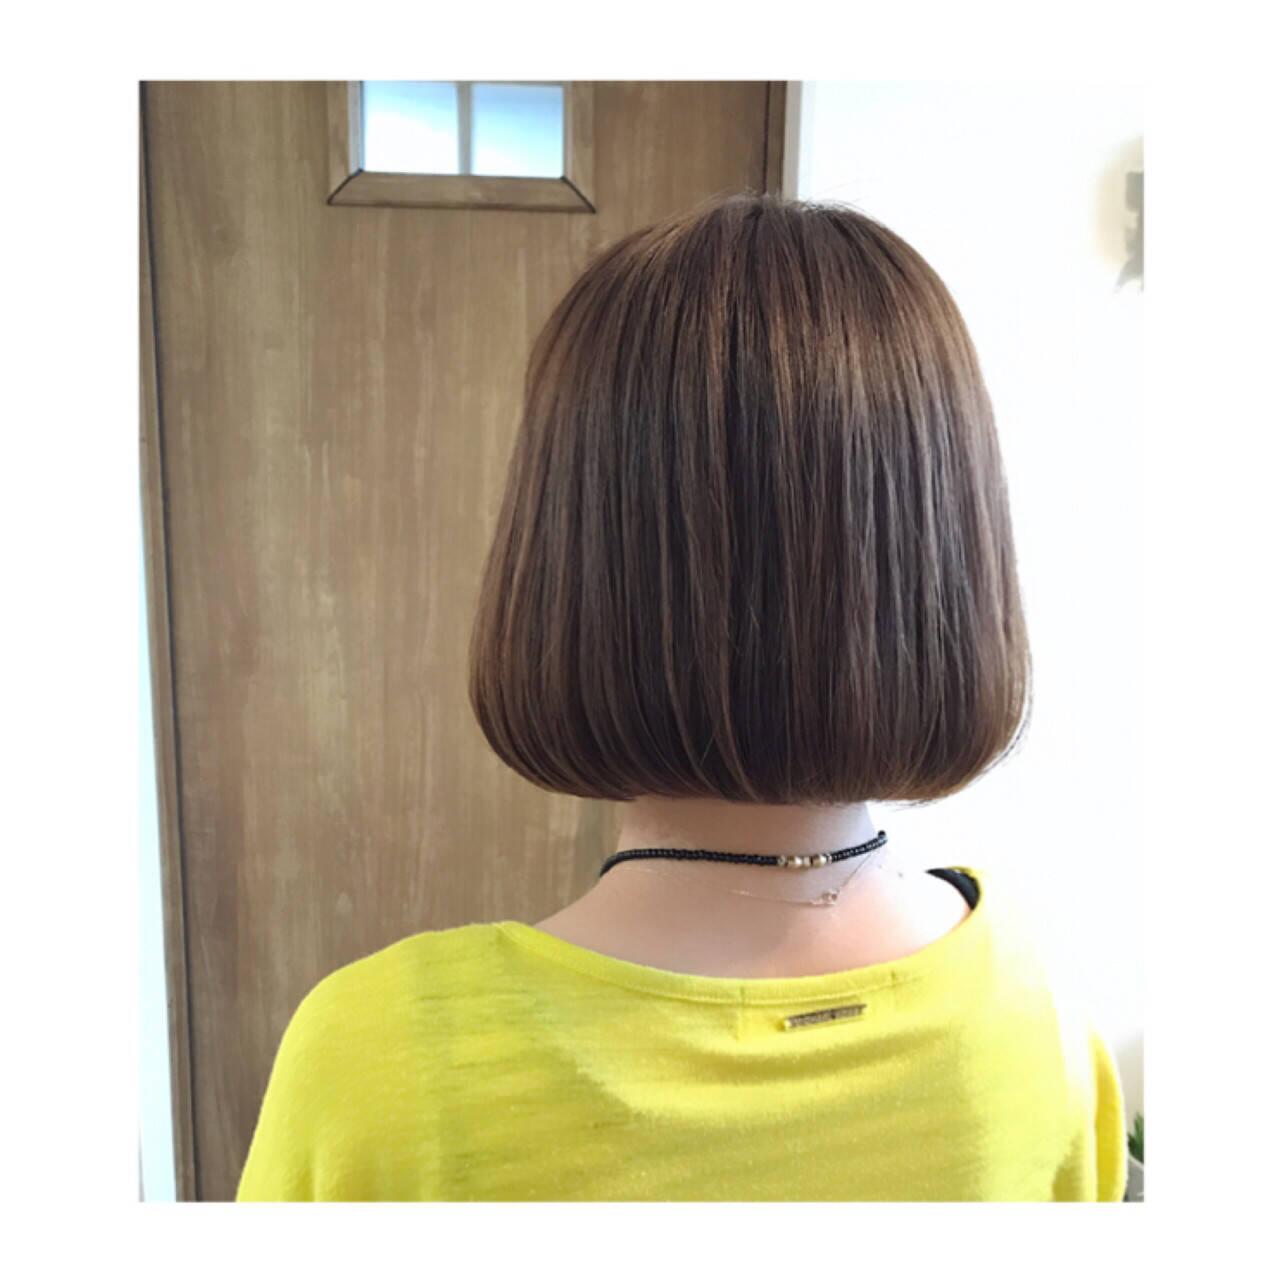 ワンカール 色気 内巻き ストリートヘアスタイルや髪型の写真・画像